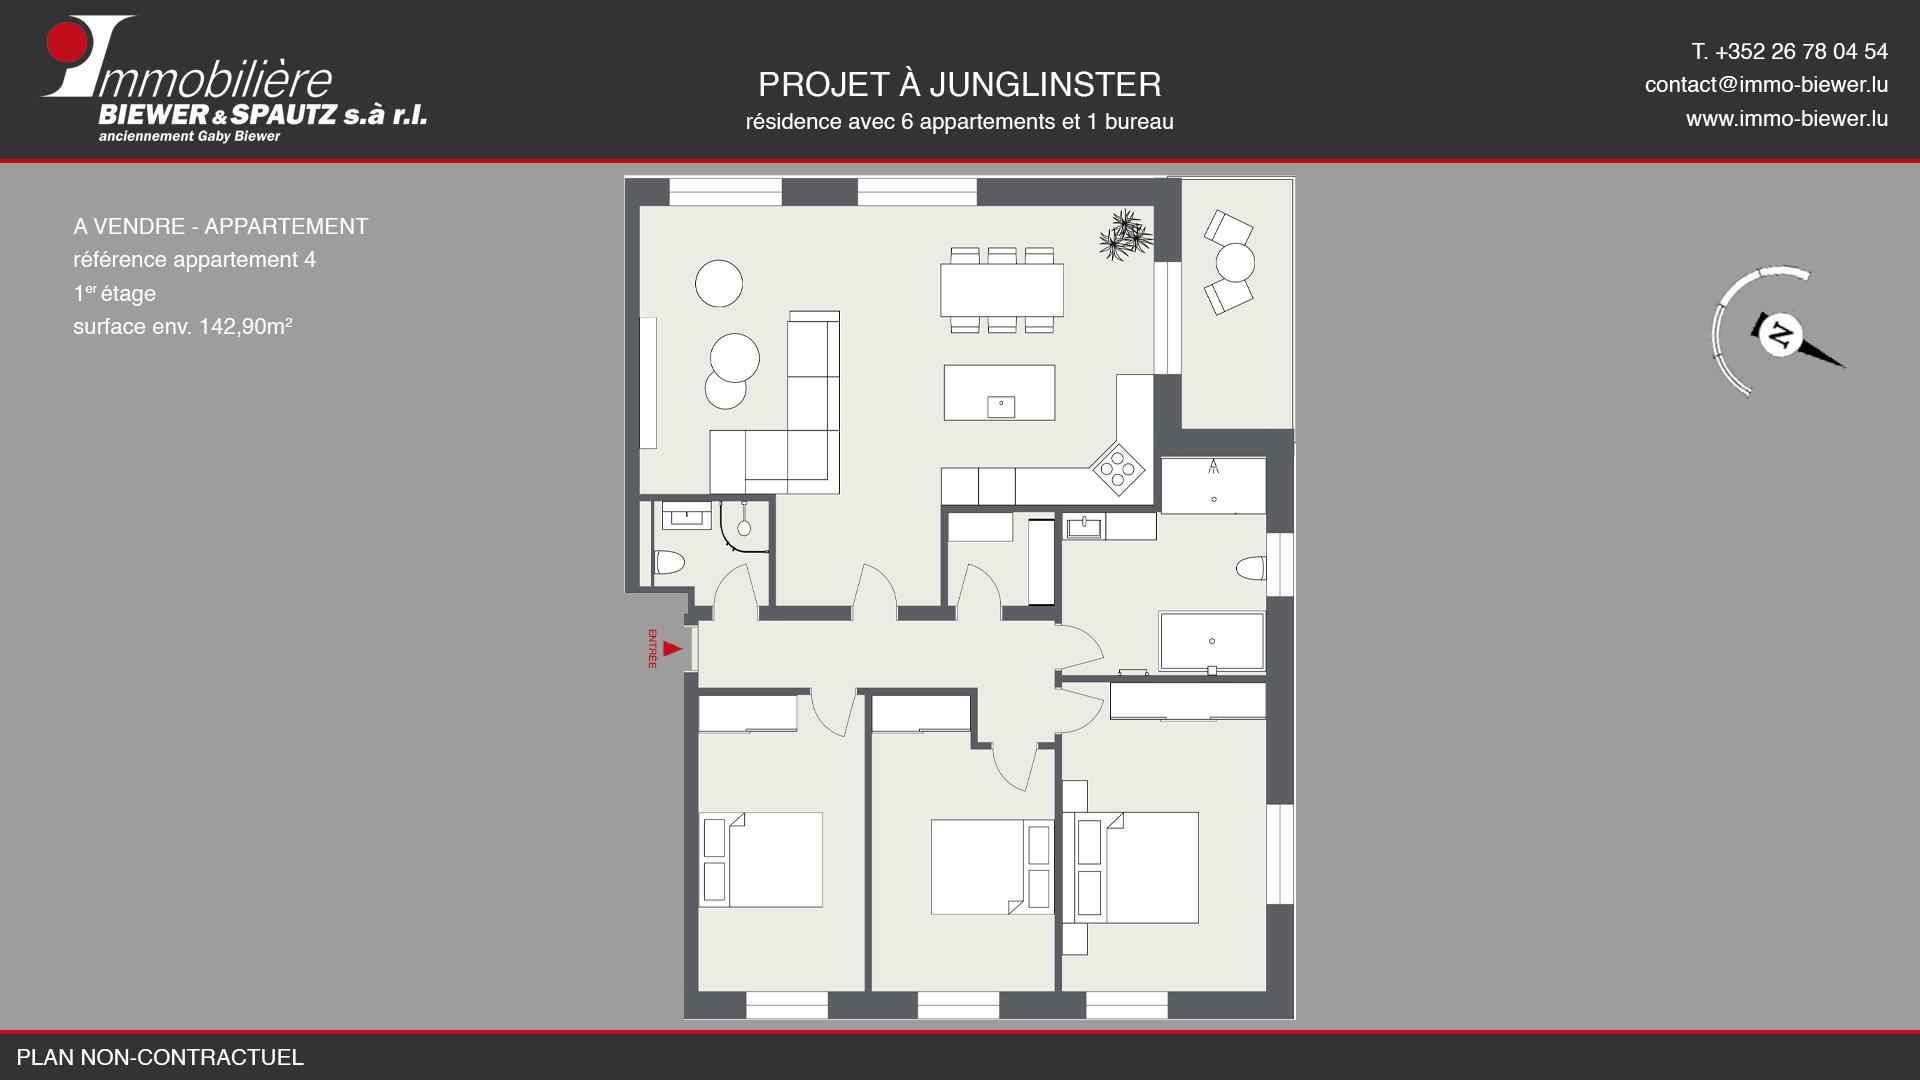 SOUS COMPROMIS - Appartement avec 3 chac à Junglinster